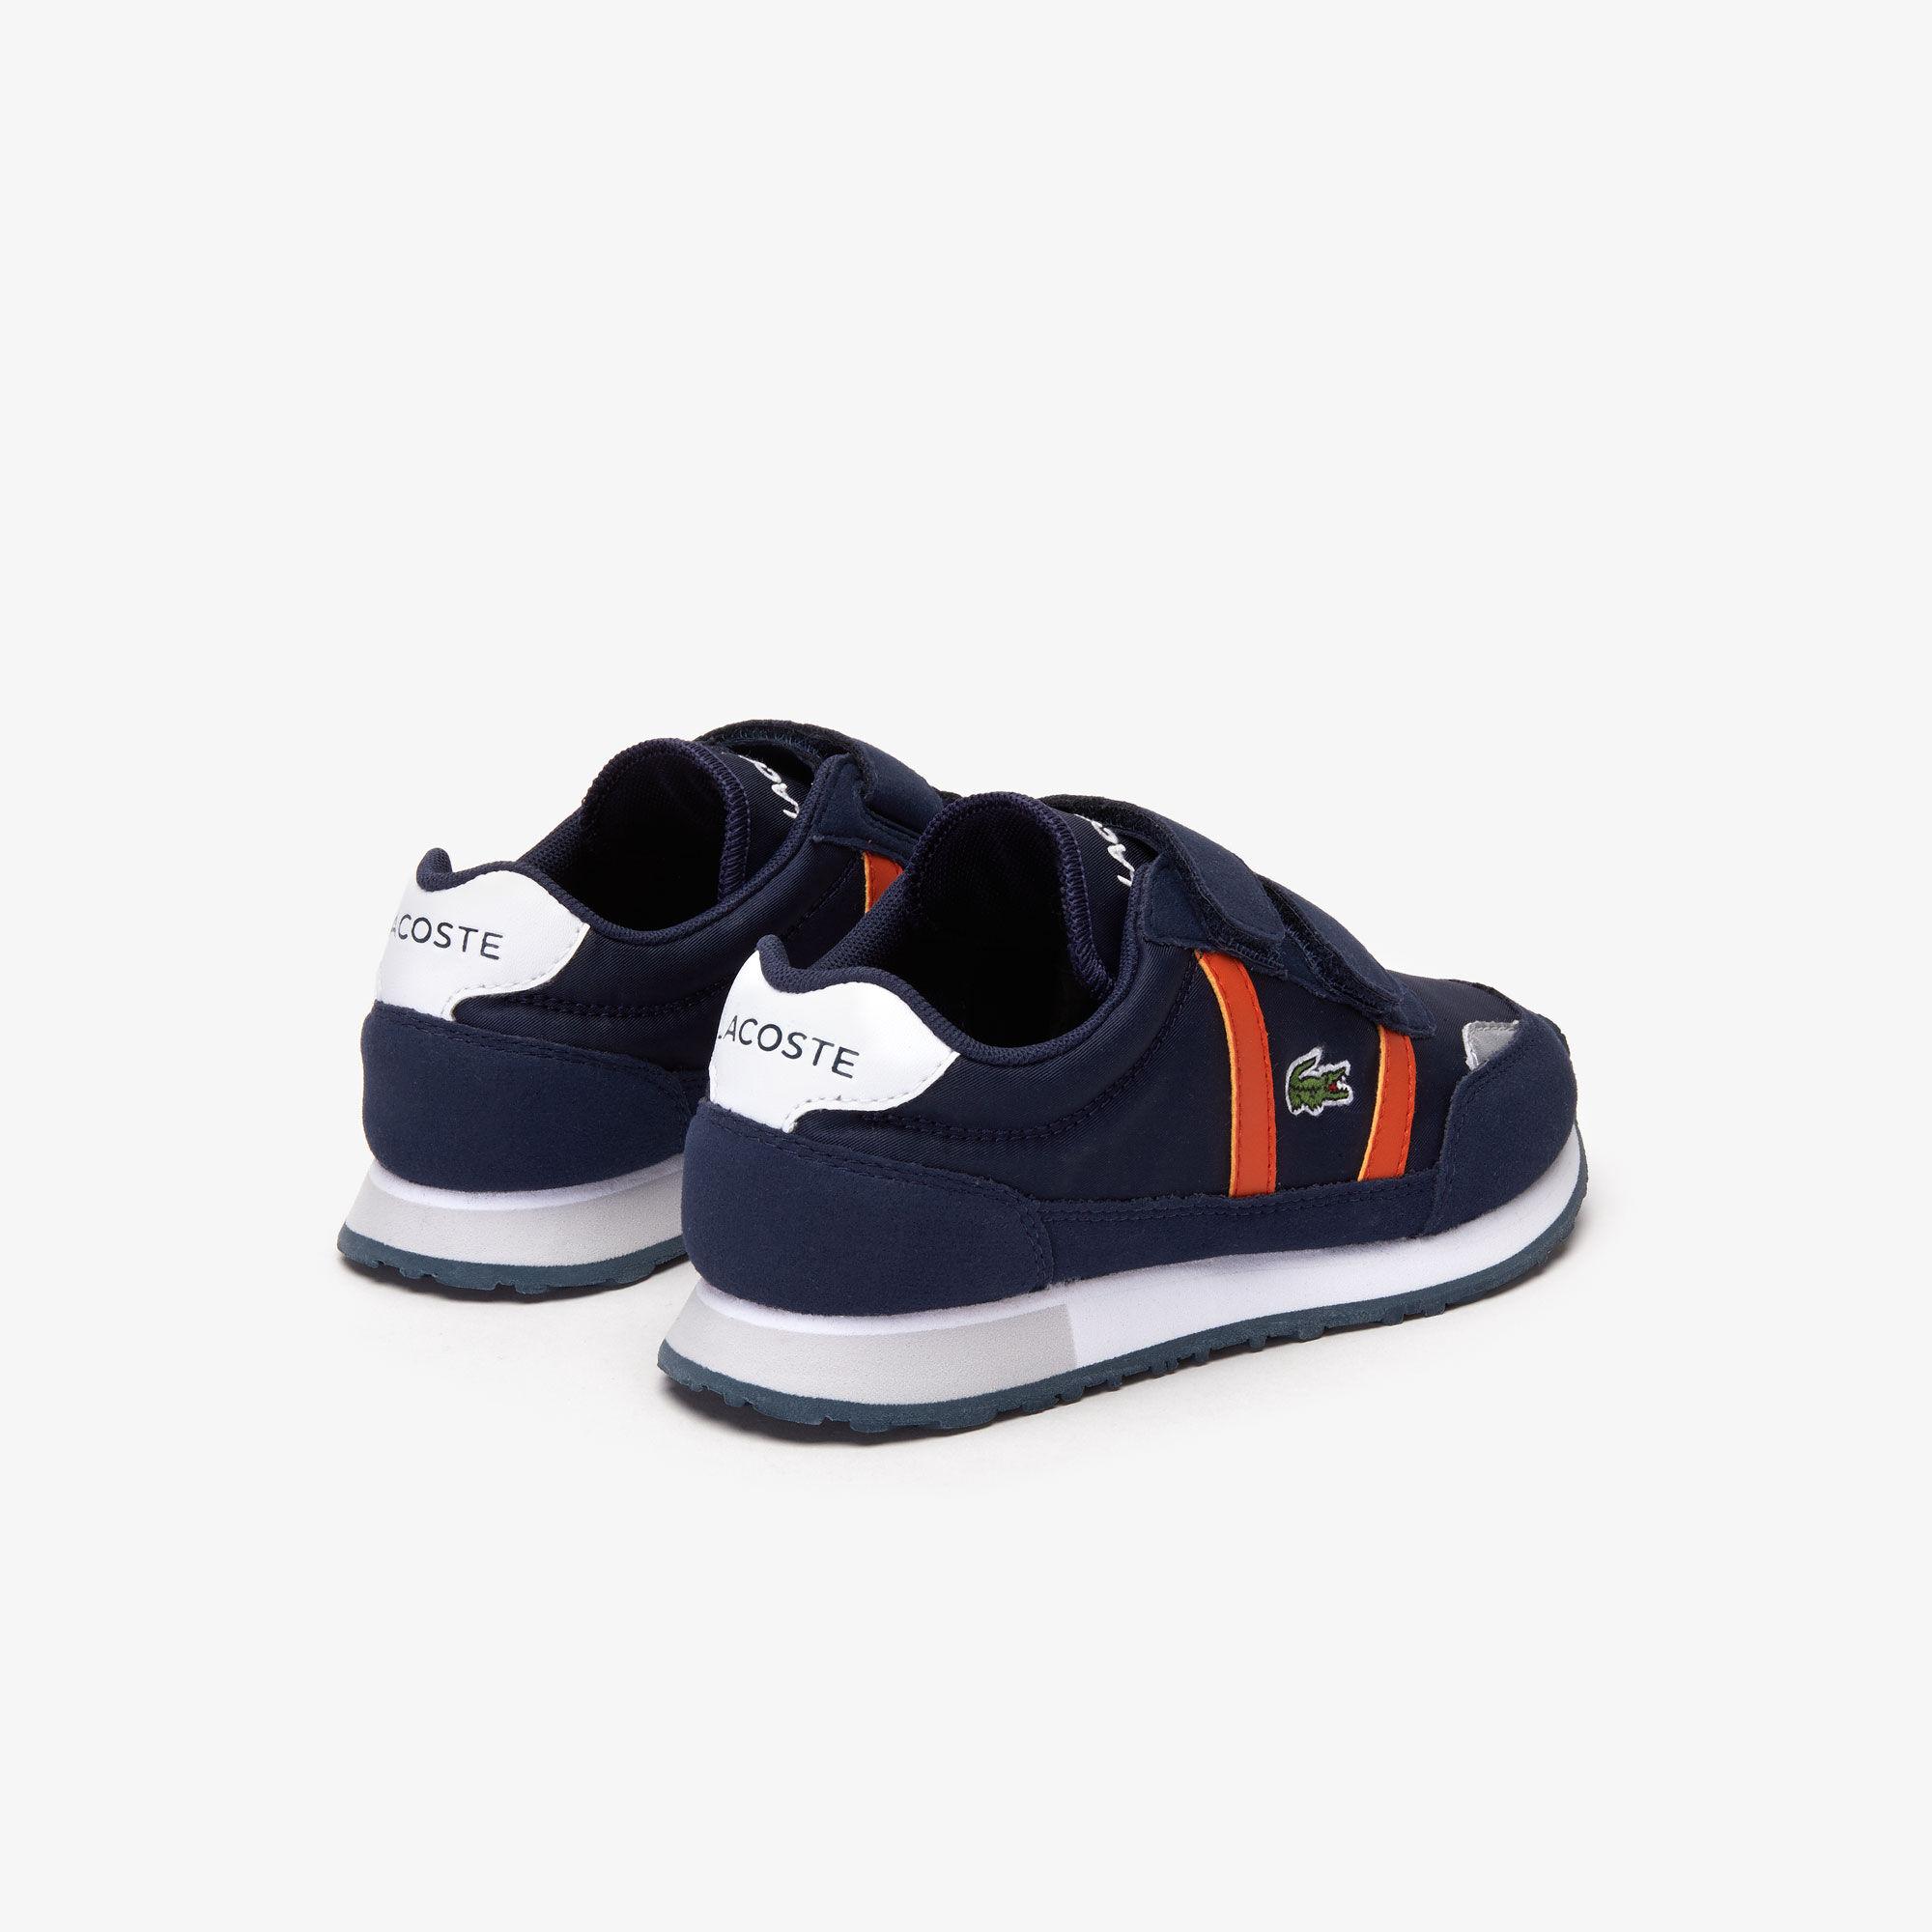 حذاء رياضي للأطفال من الجلد من مجموعة Masters